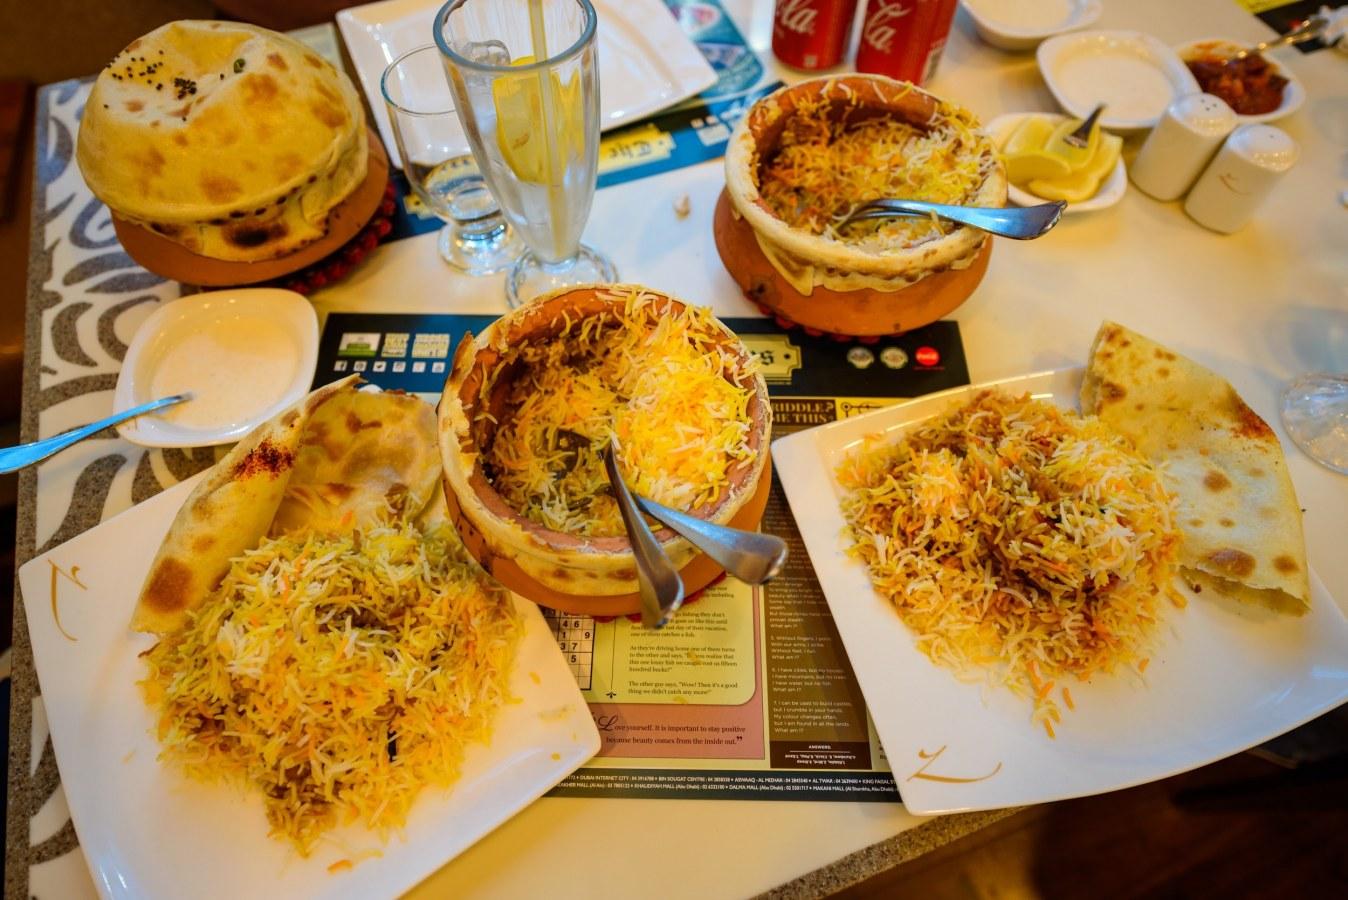 مطعم ستيودنت برياني الشهير كأحد أفضل المطاعم الباكستانية في دبي